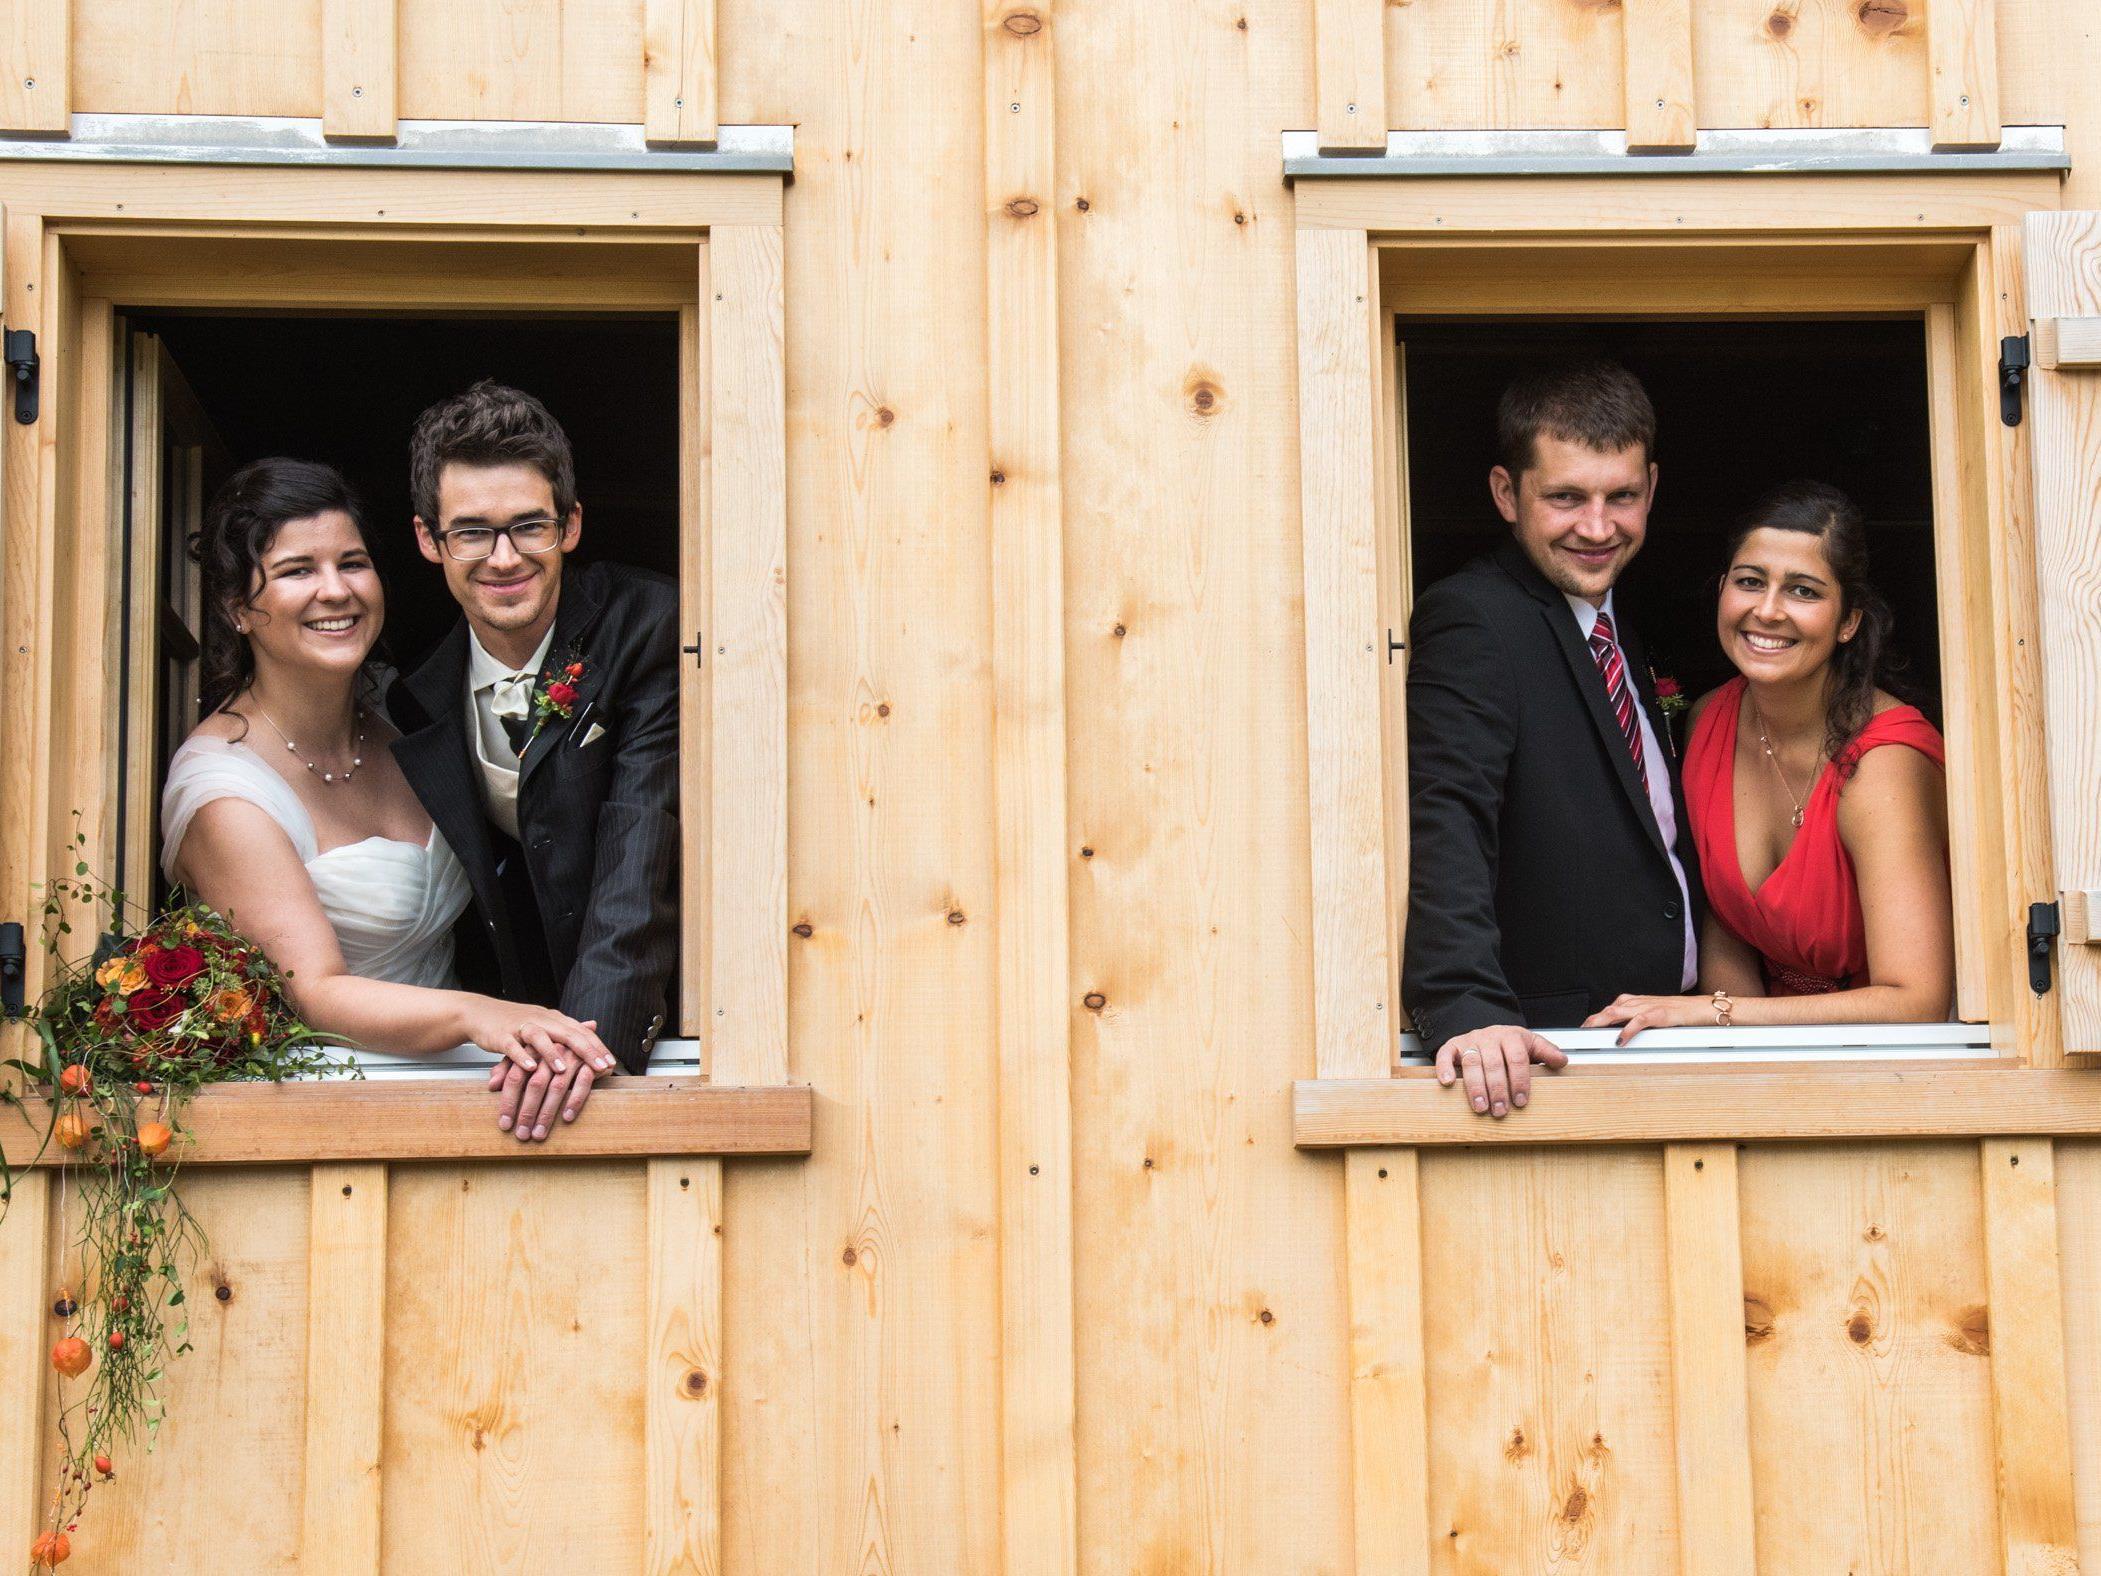 Das VOL.AT-Team gratuliert Sandra und Michael zur Vermählung herzlich.